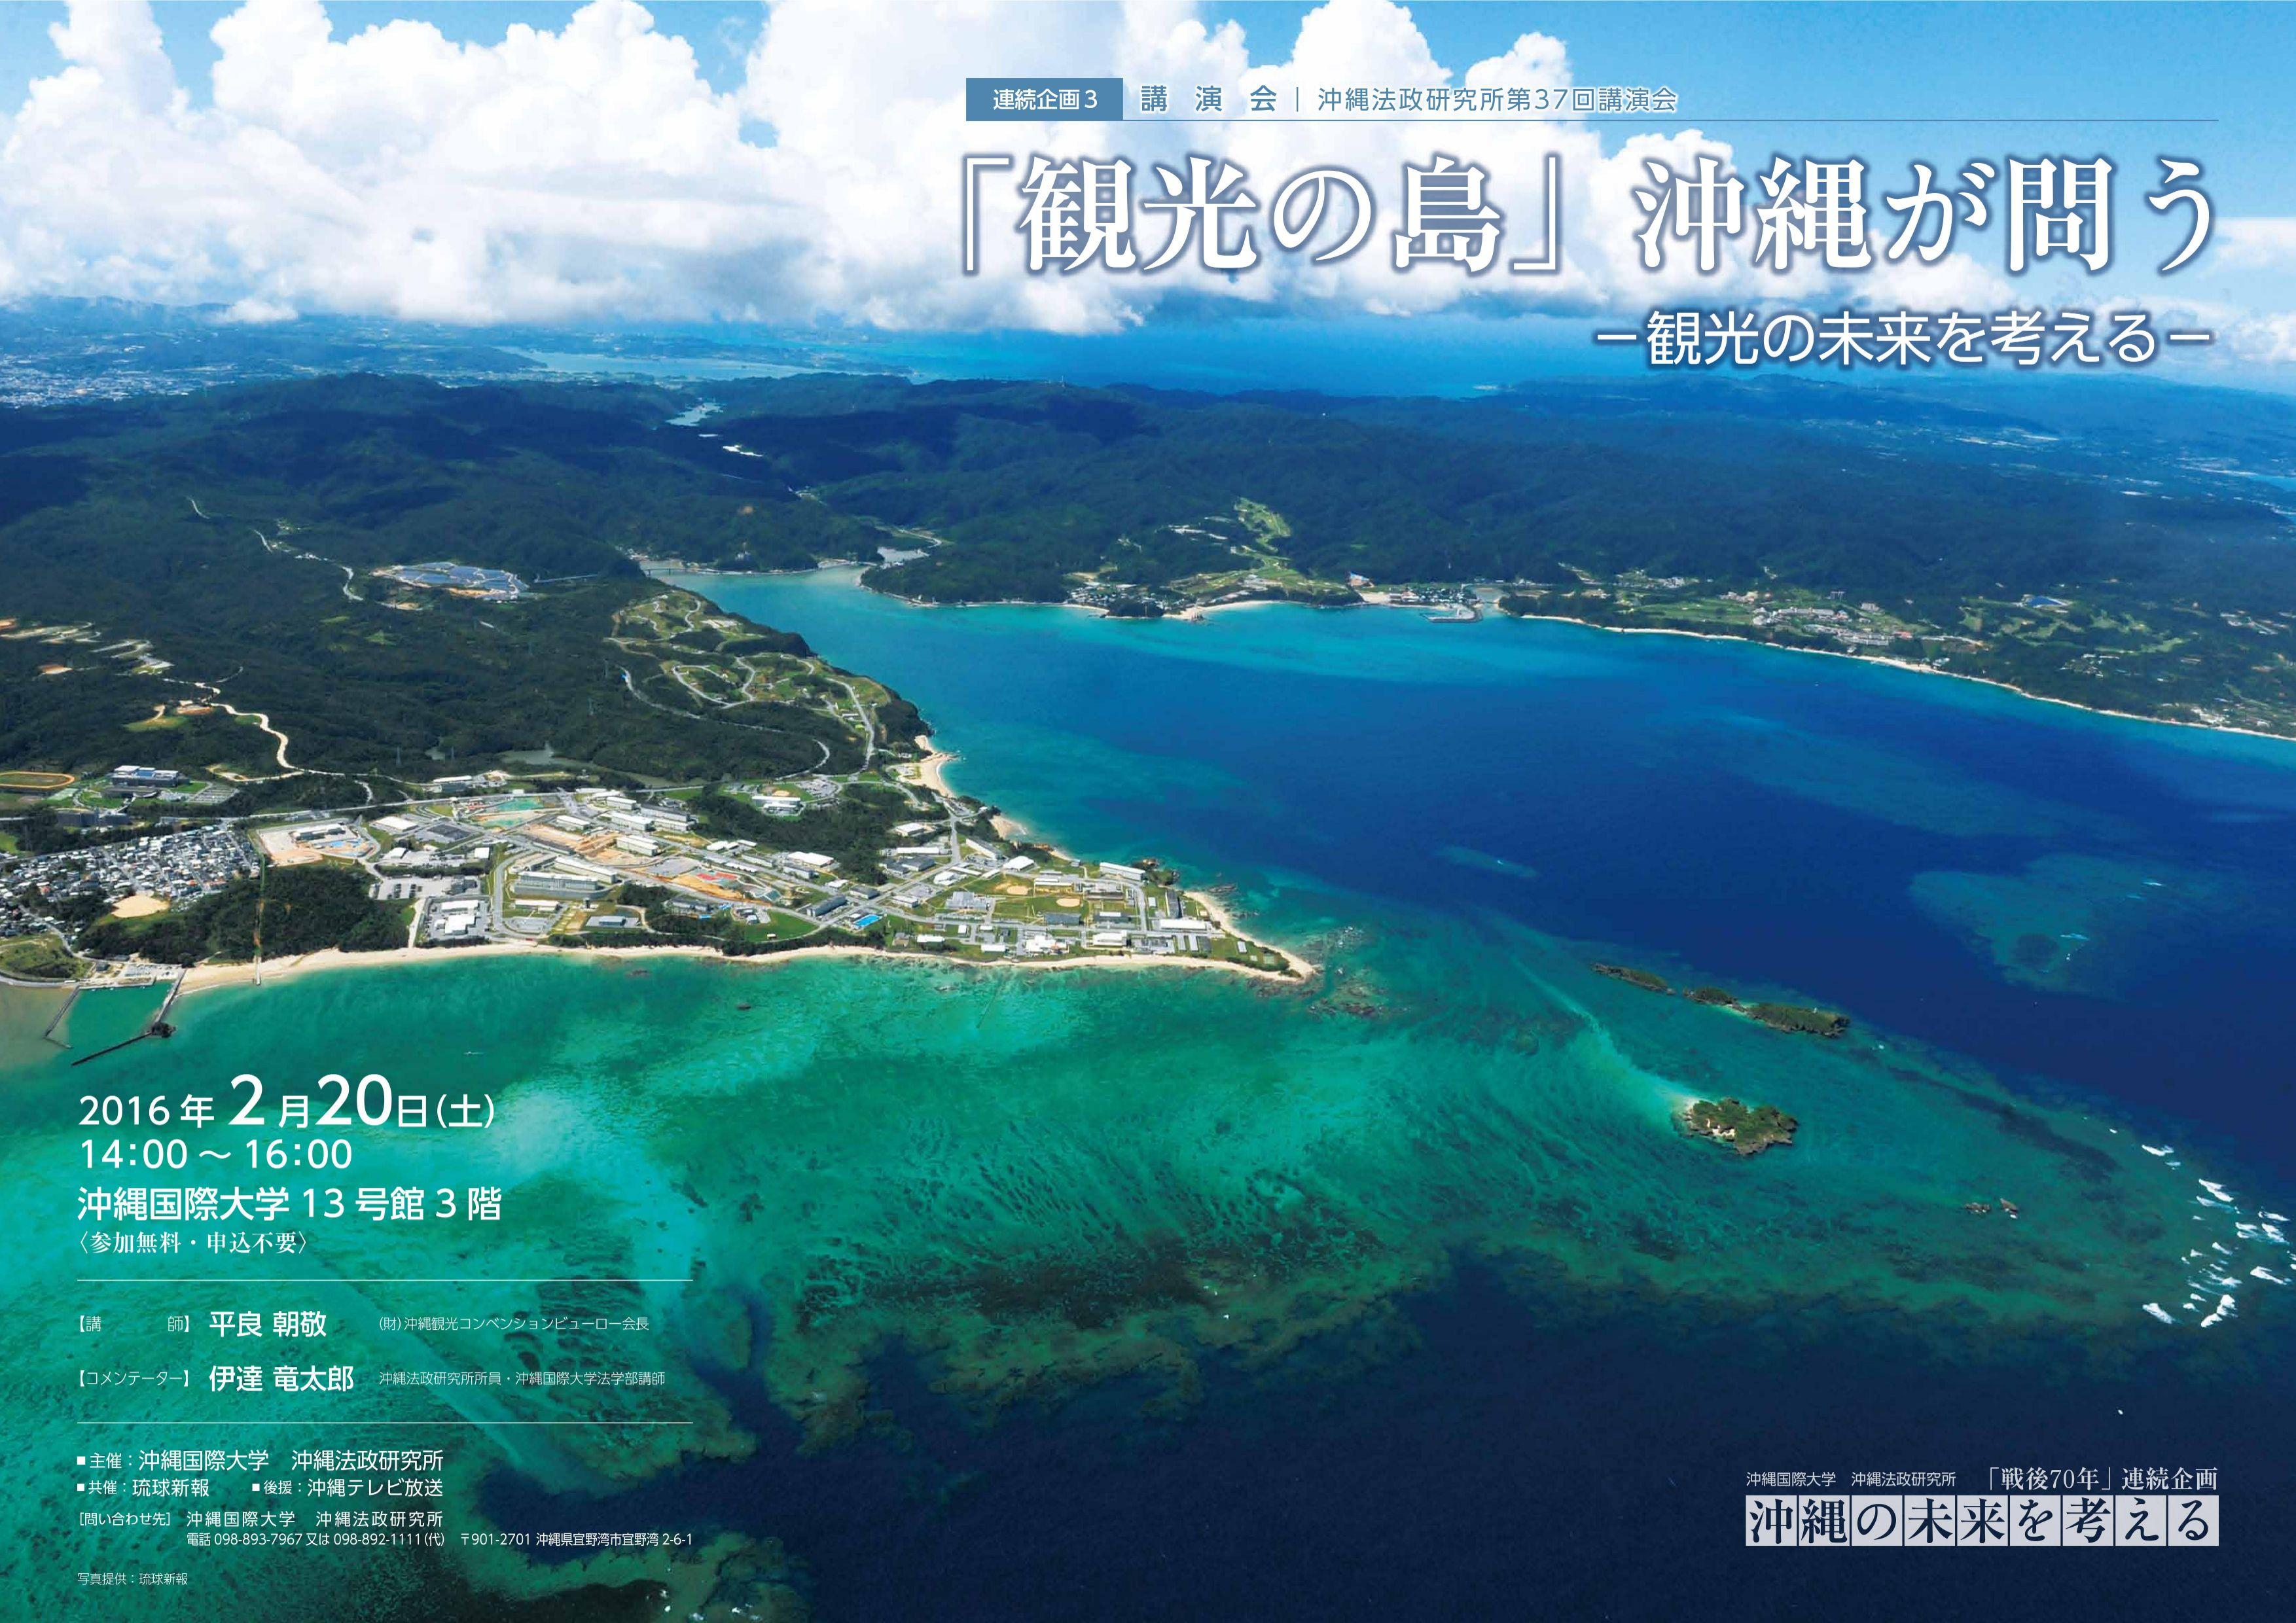 沖縄法政研究所第37回講演会 「観光の島」沖縄が問う -観光の未来を考える